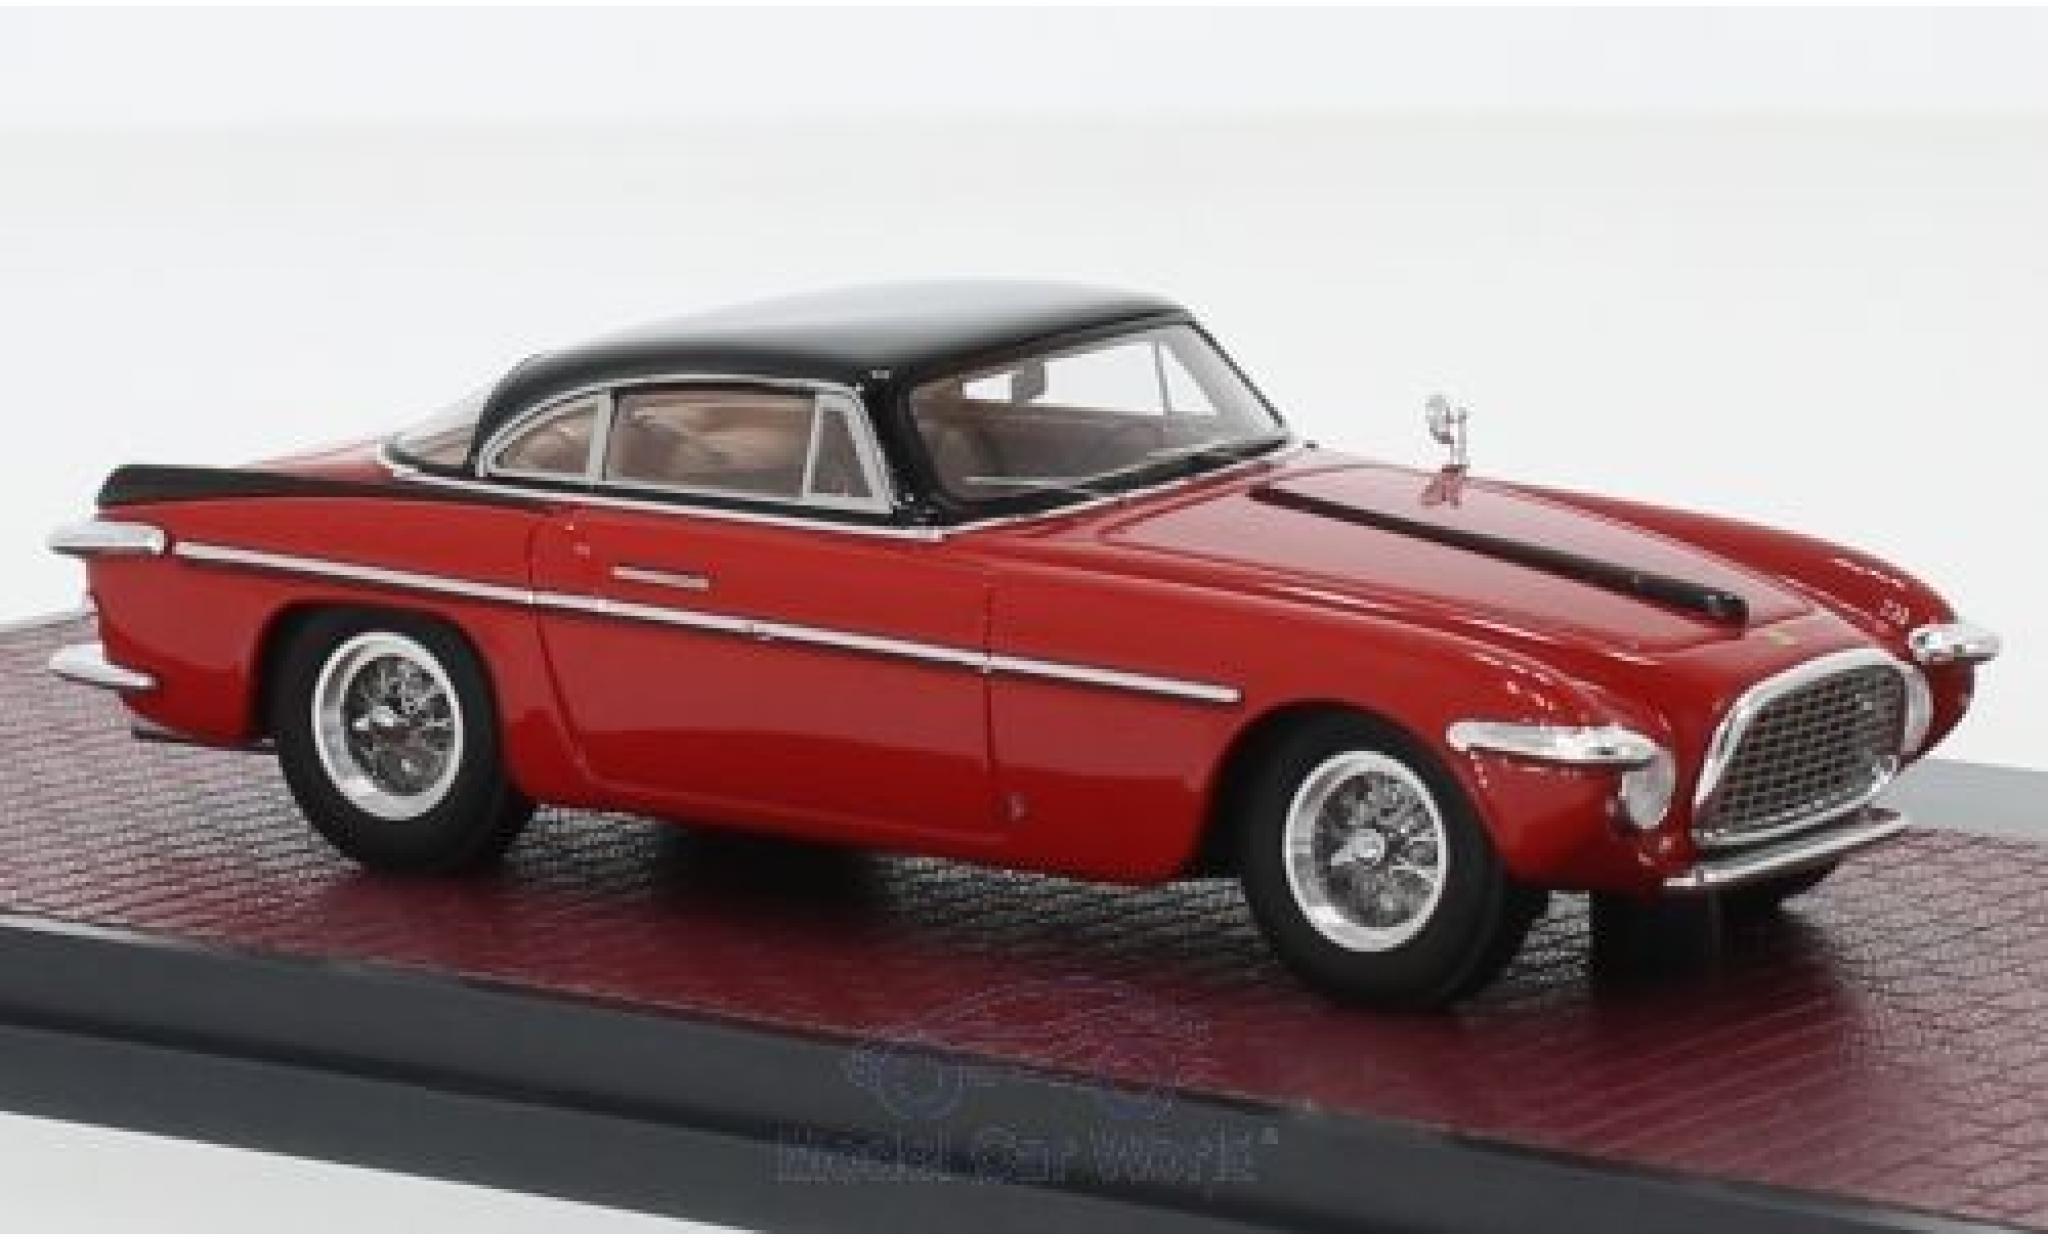 Ferrari 212 1/43 Matrix Inter Coupe Vignale rosso/nero RHD 1953